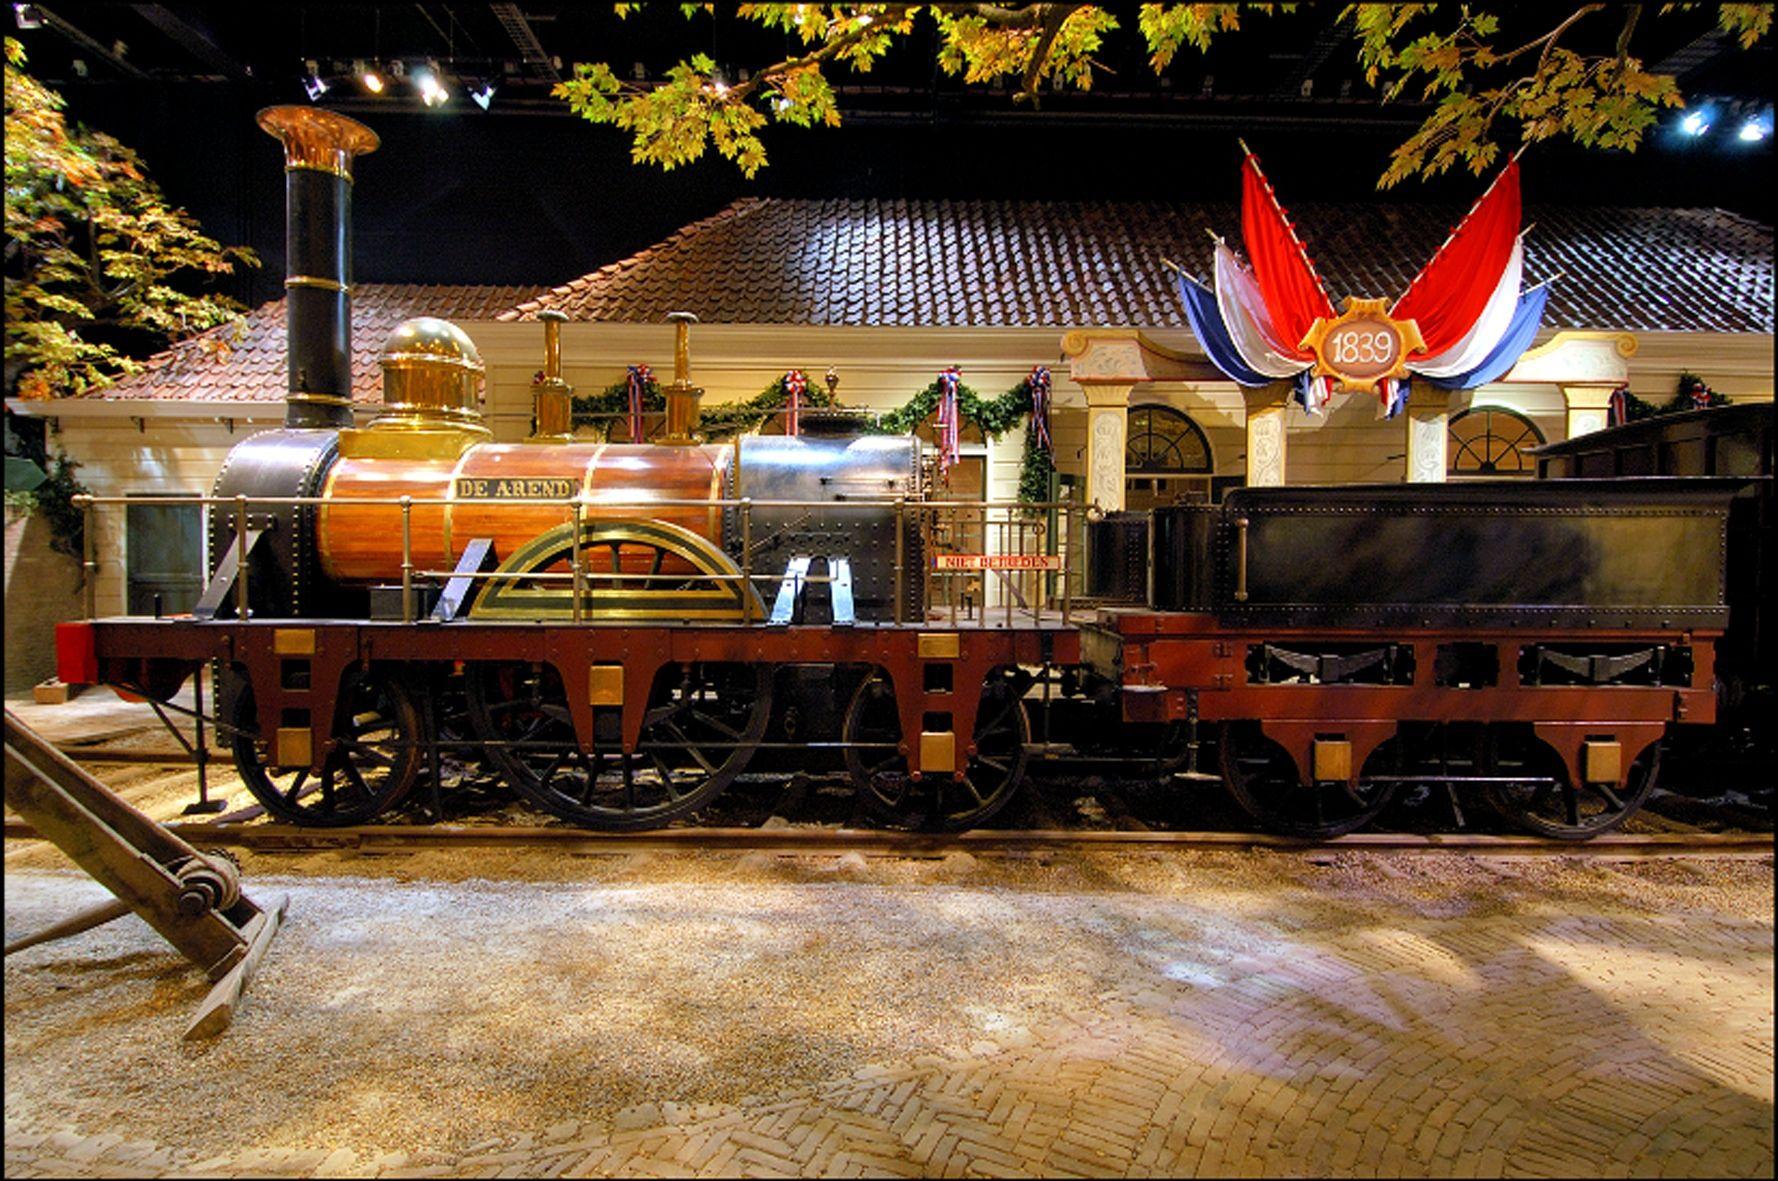 Replica van de eerste locomotief de Arend